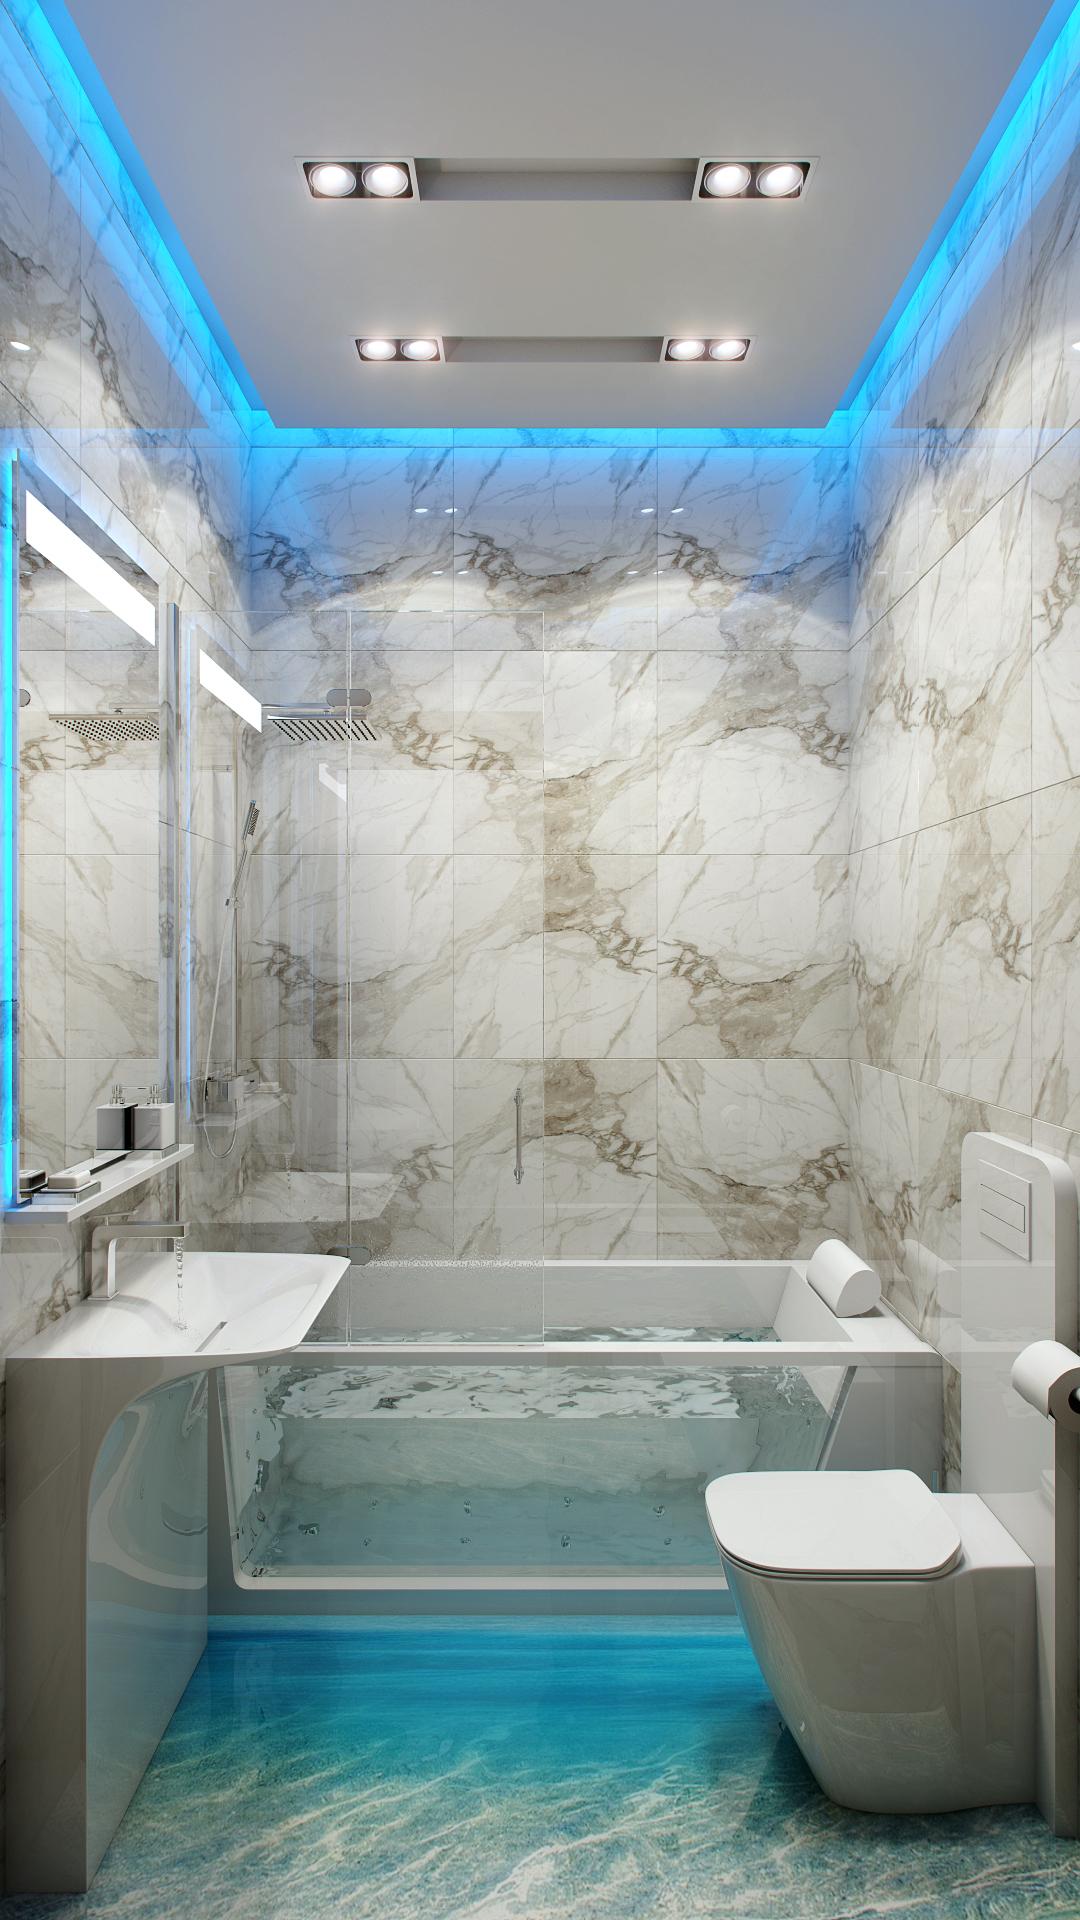 потолок в маленькой ванной комнате дизайн фото